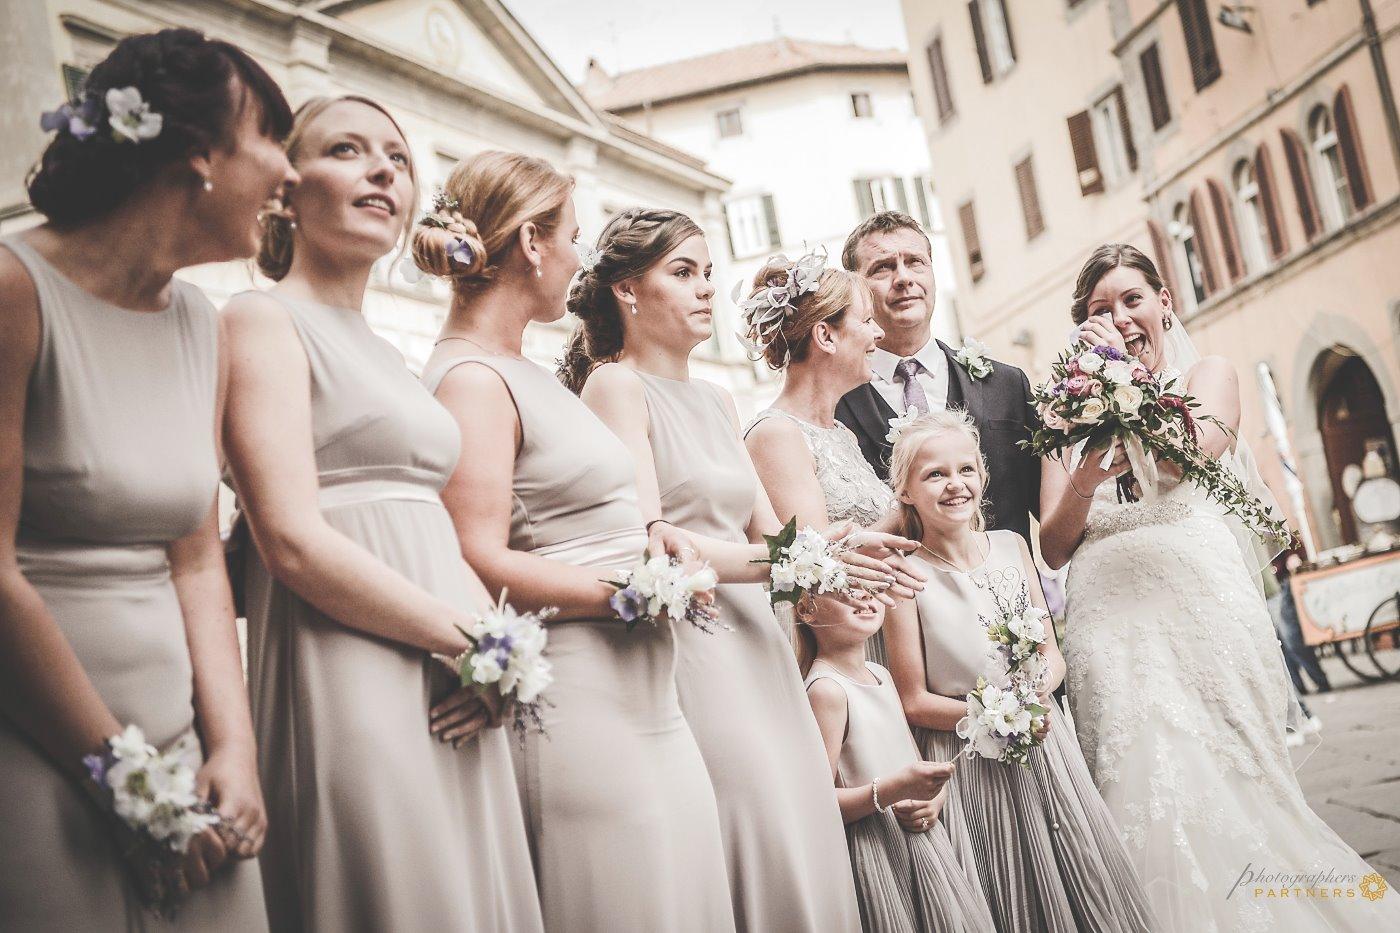 photography_weddings_cortona_06.jpg